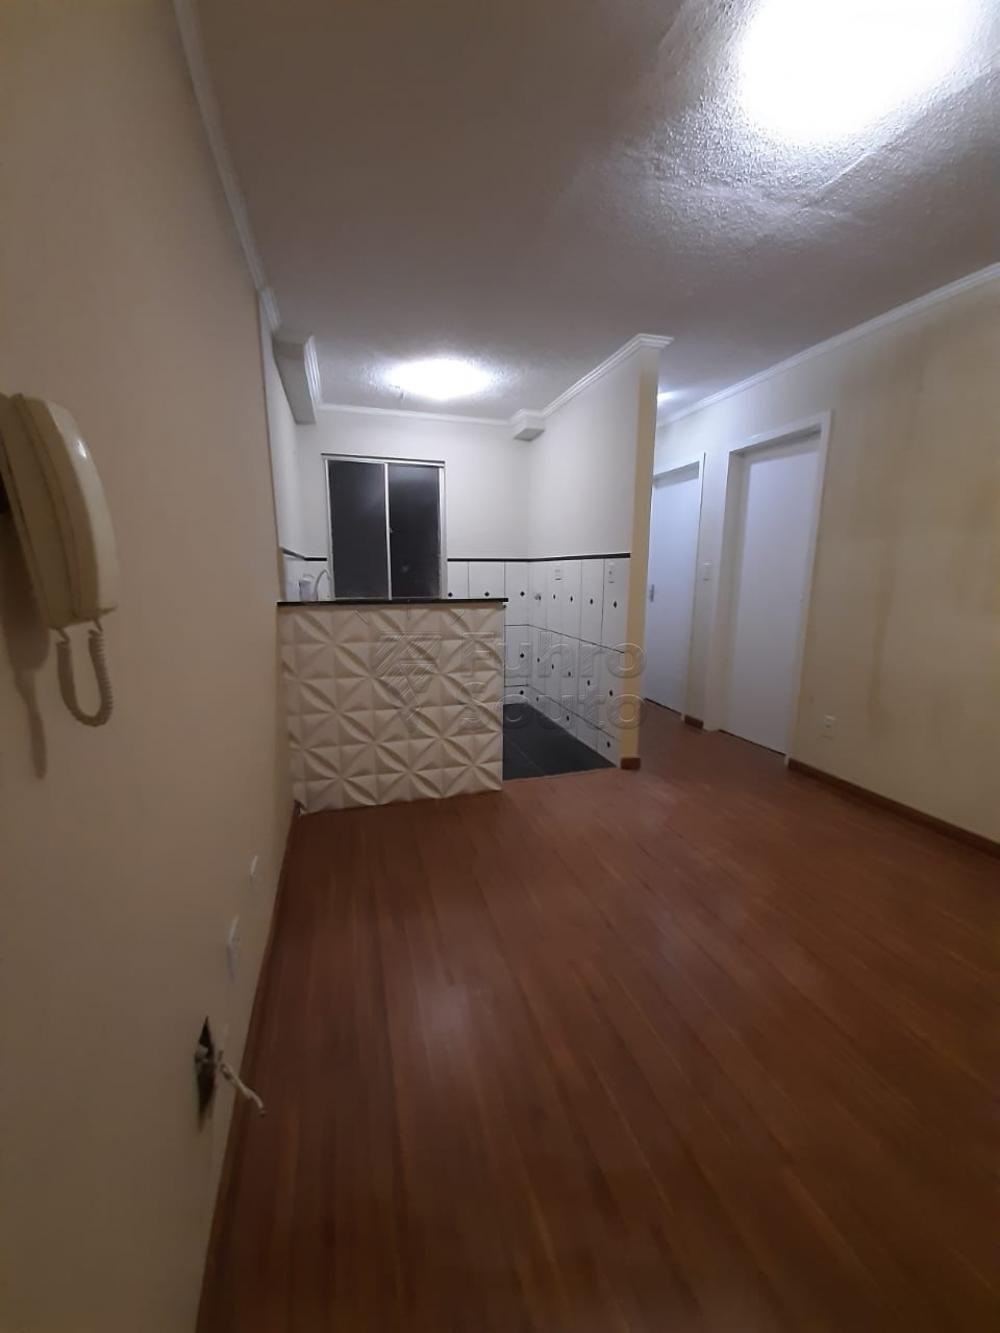 Comprar Apartamento / Padrão em Pelotas R$ 138.000,00 - Foto 9